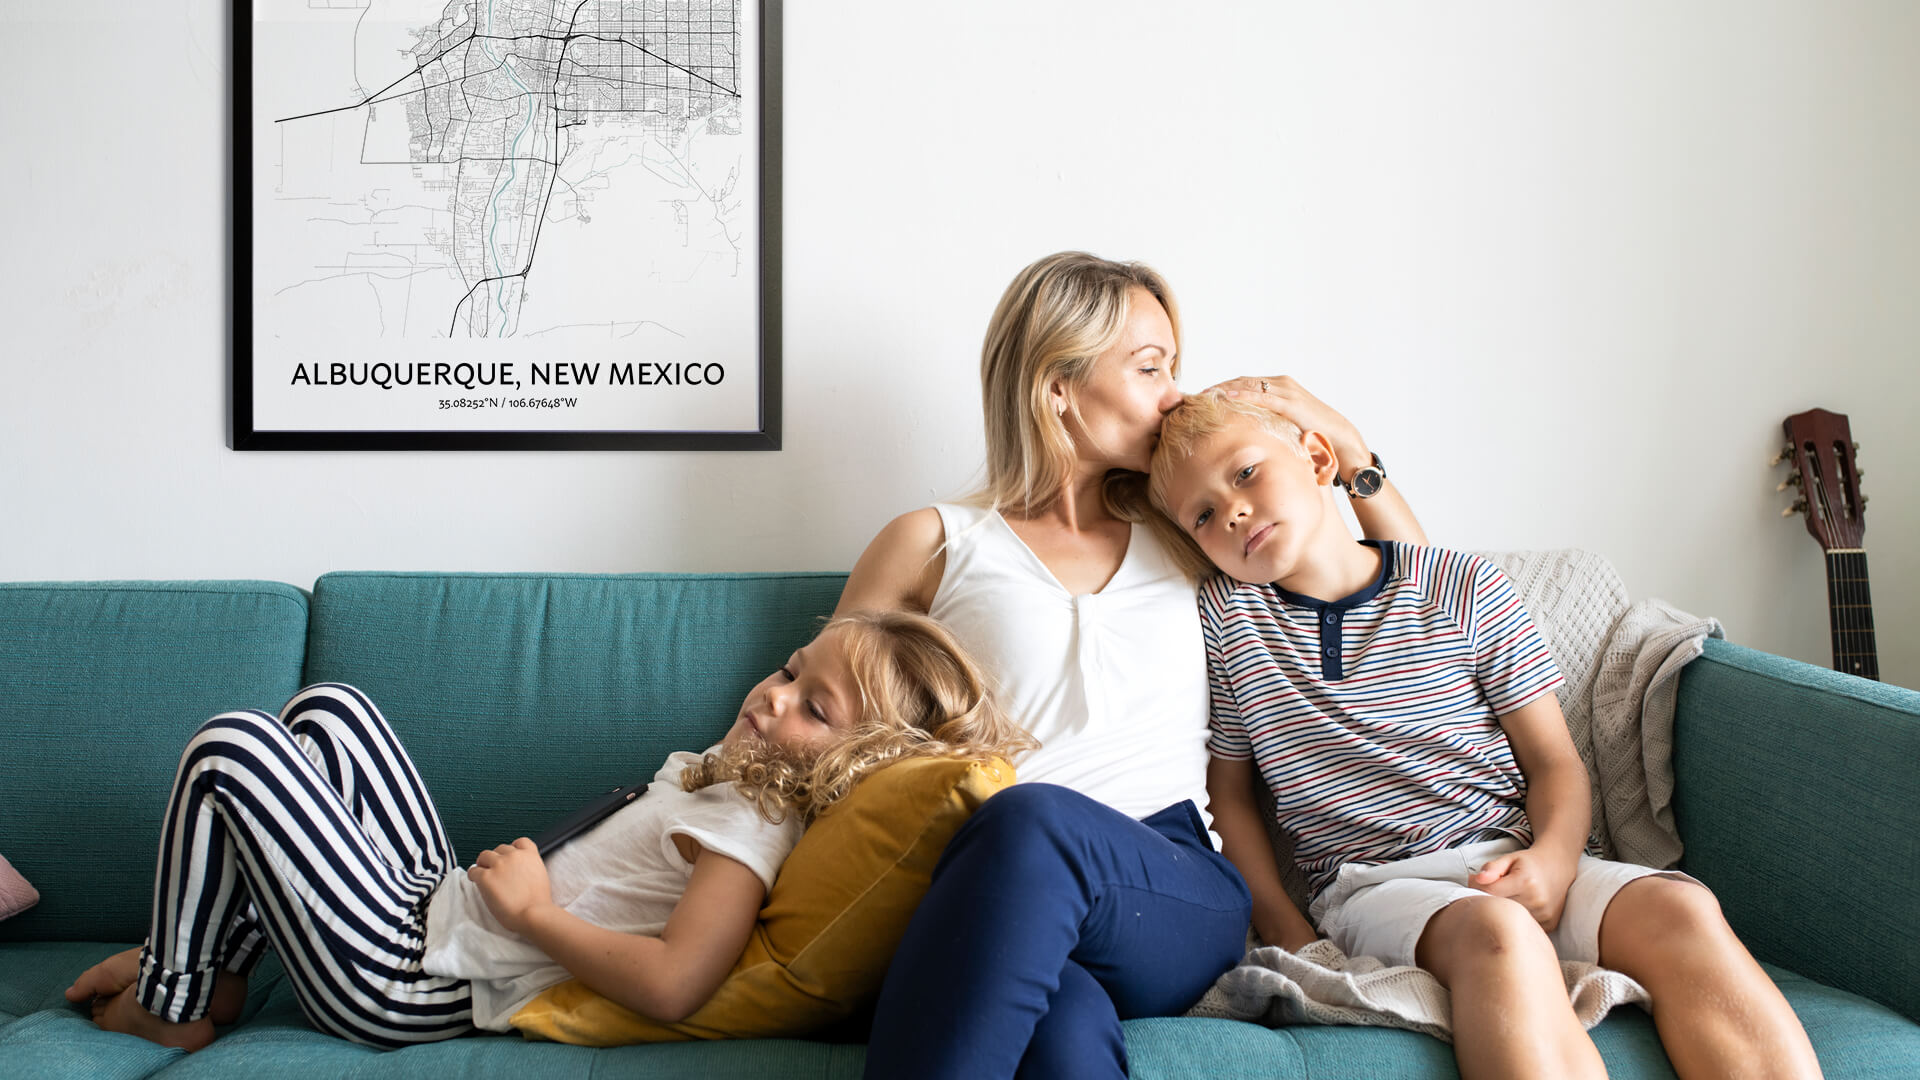 Albuquerque map poster